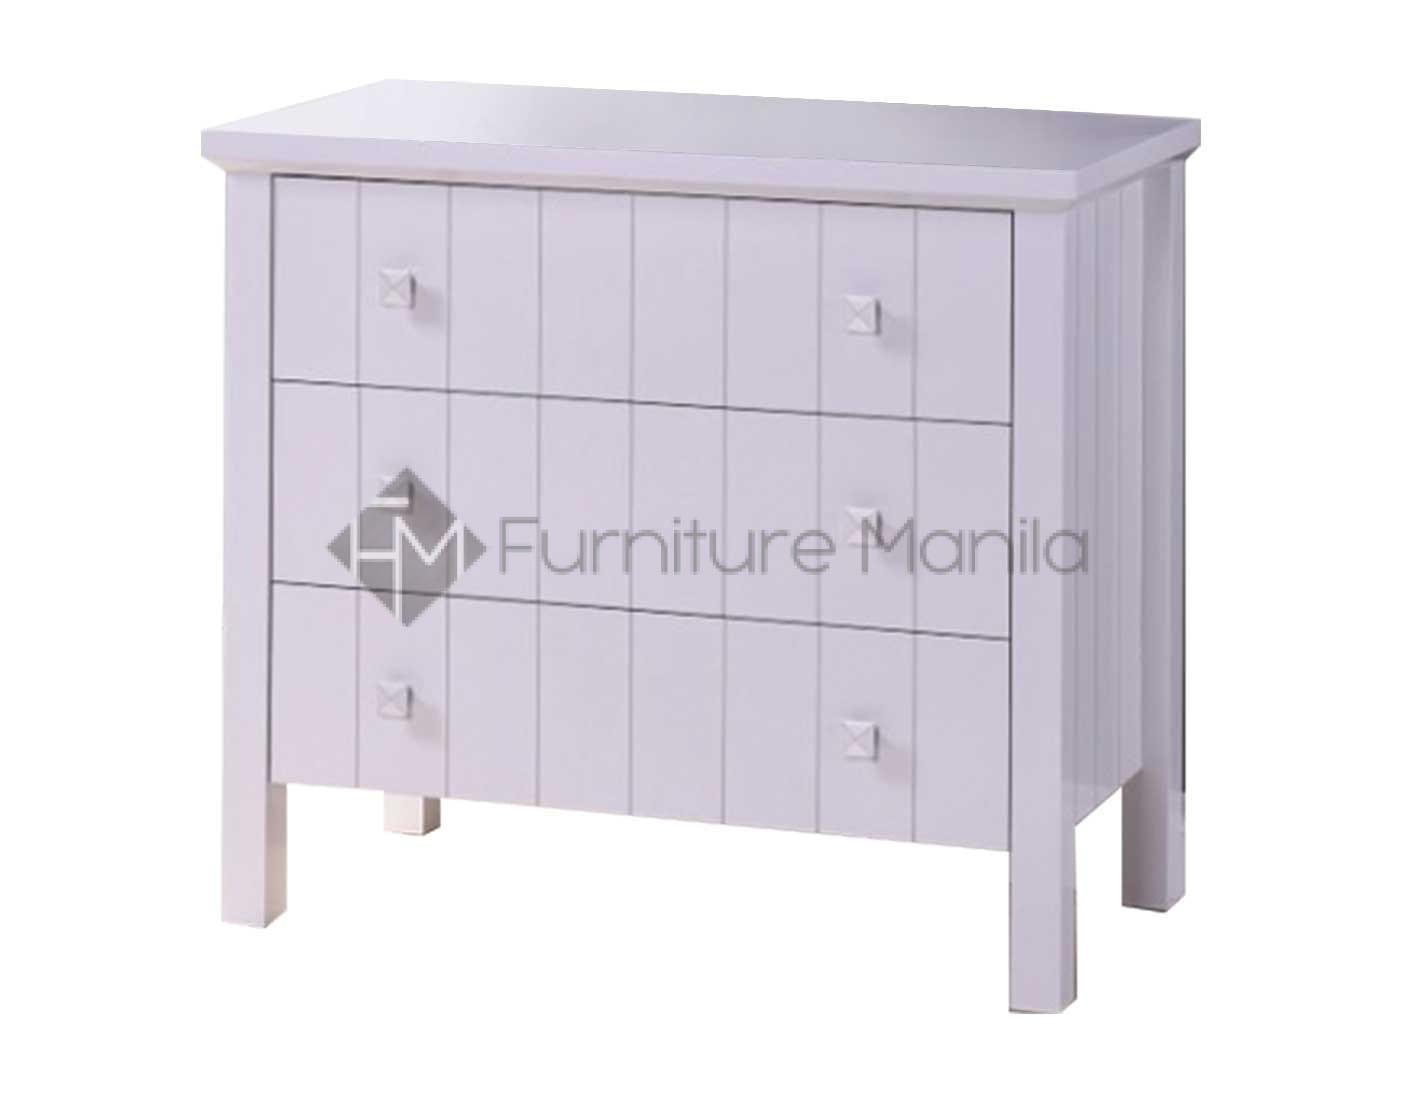 Liner96 Dresser Furniture Manila